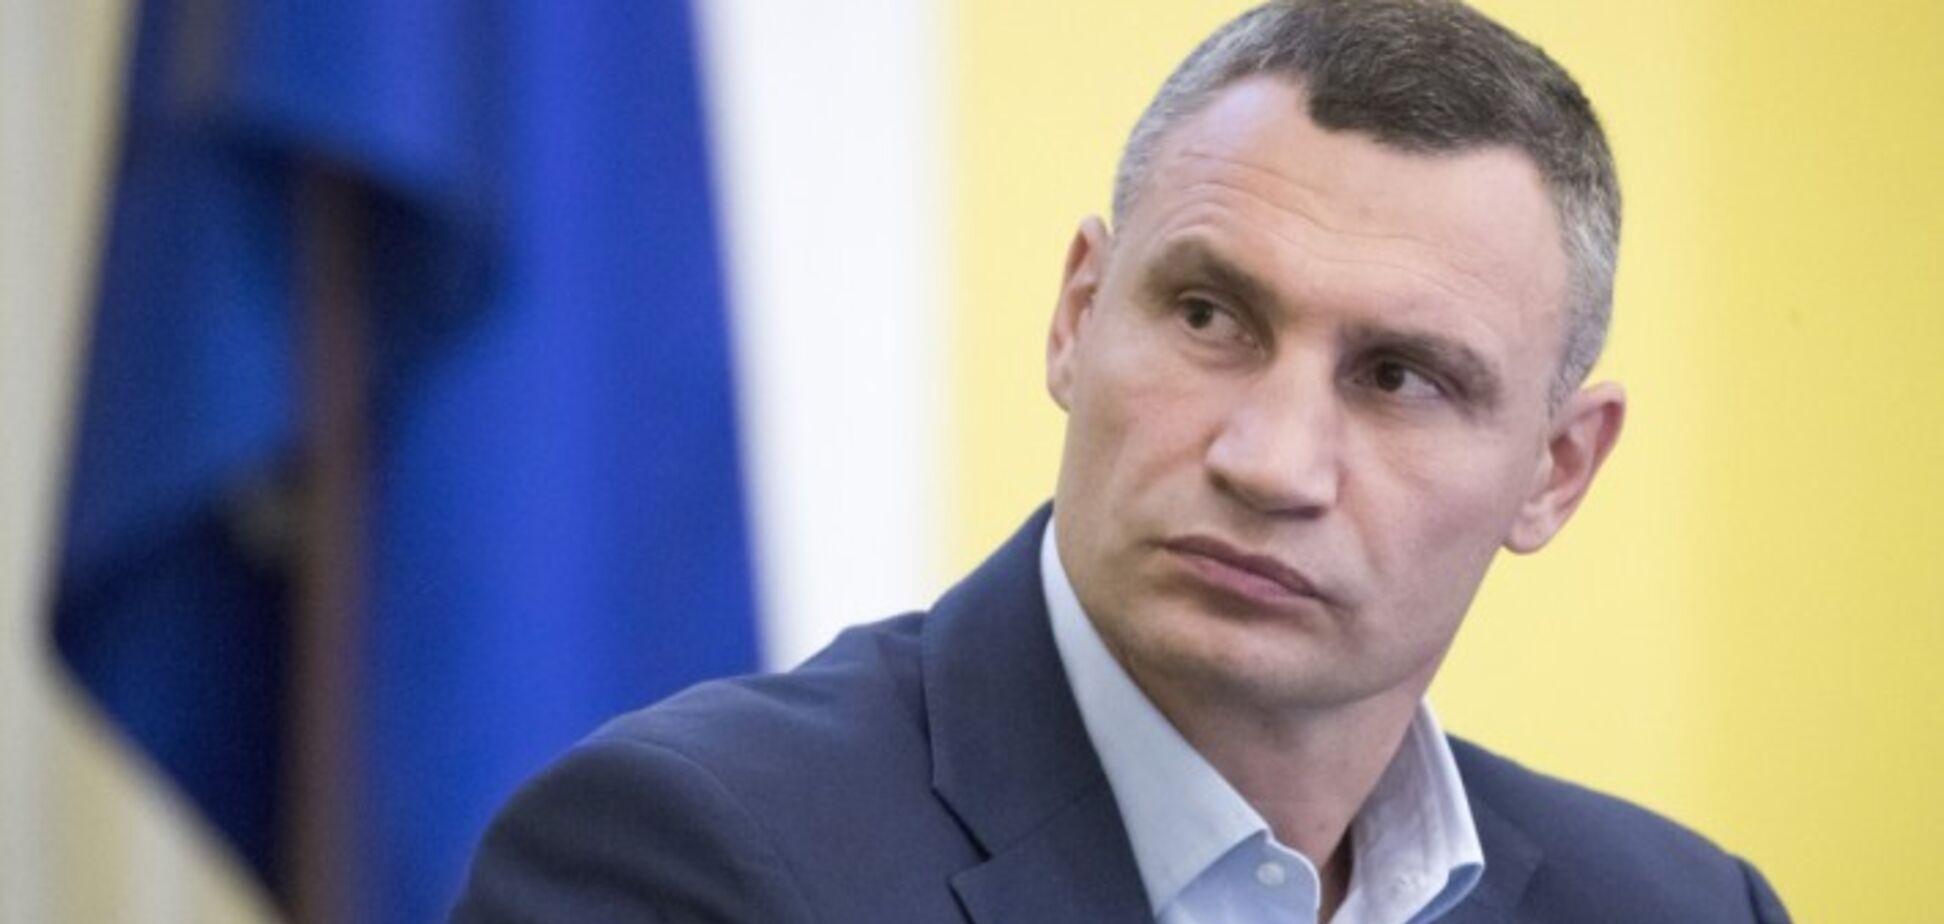 Кличко призвал распустить Киевраду: в 'Слуге народа' ответили